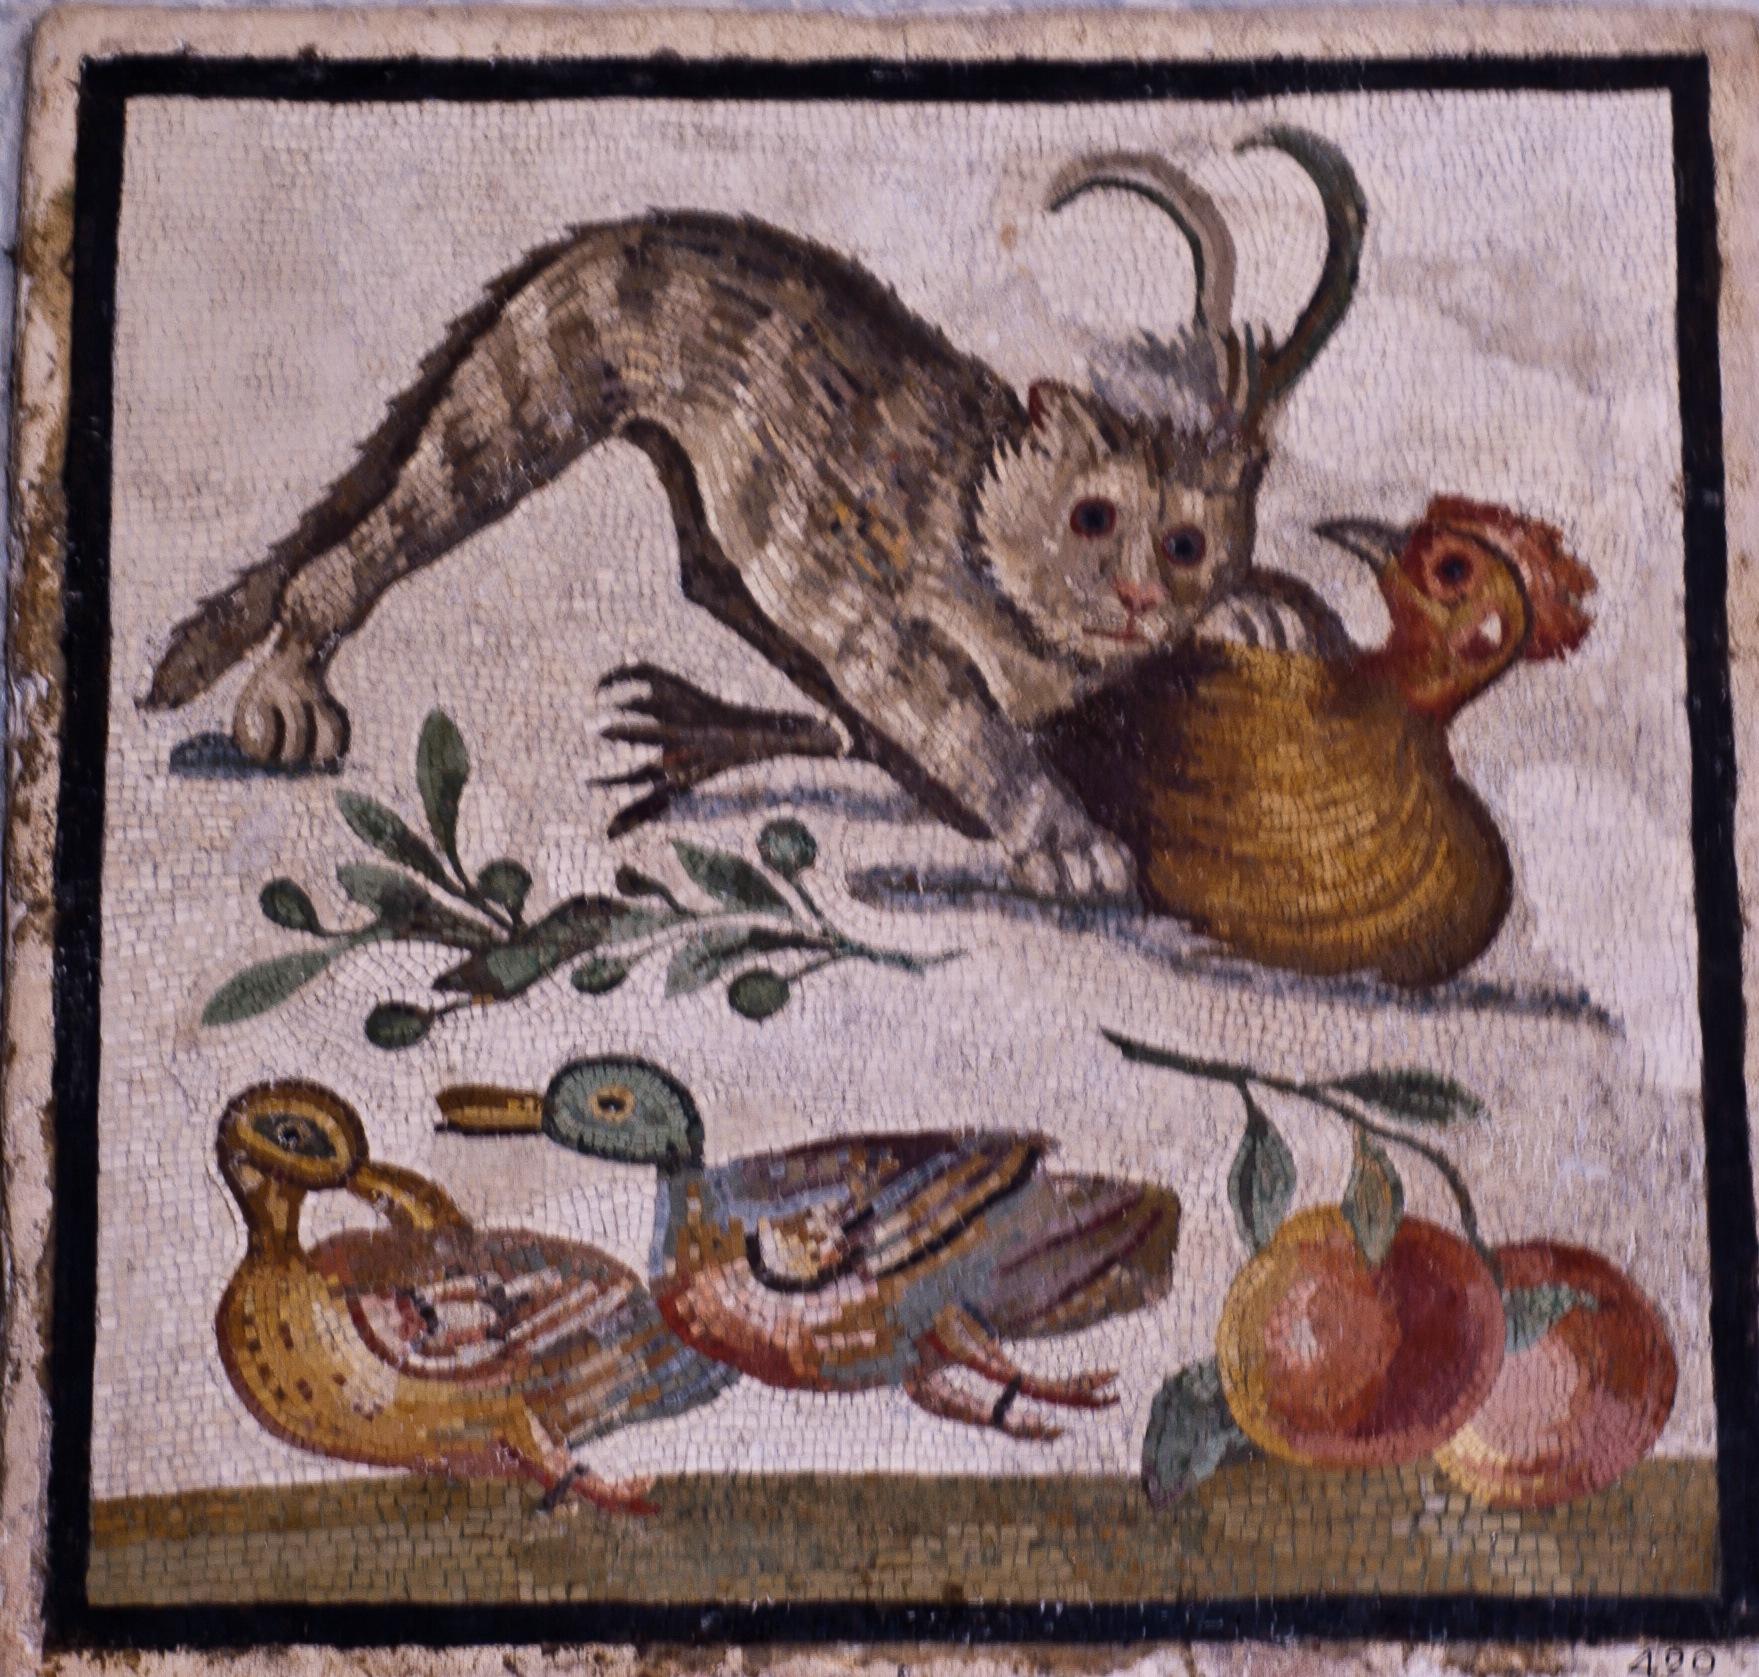 Bild von 1 von 3 Mosaiken